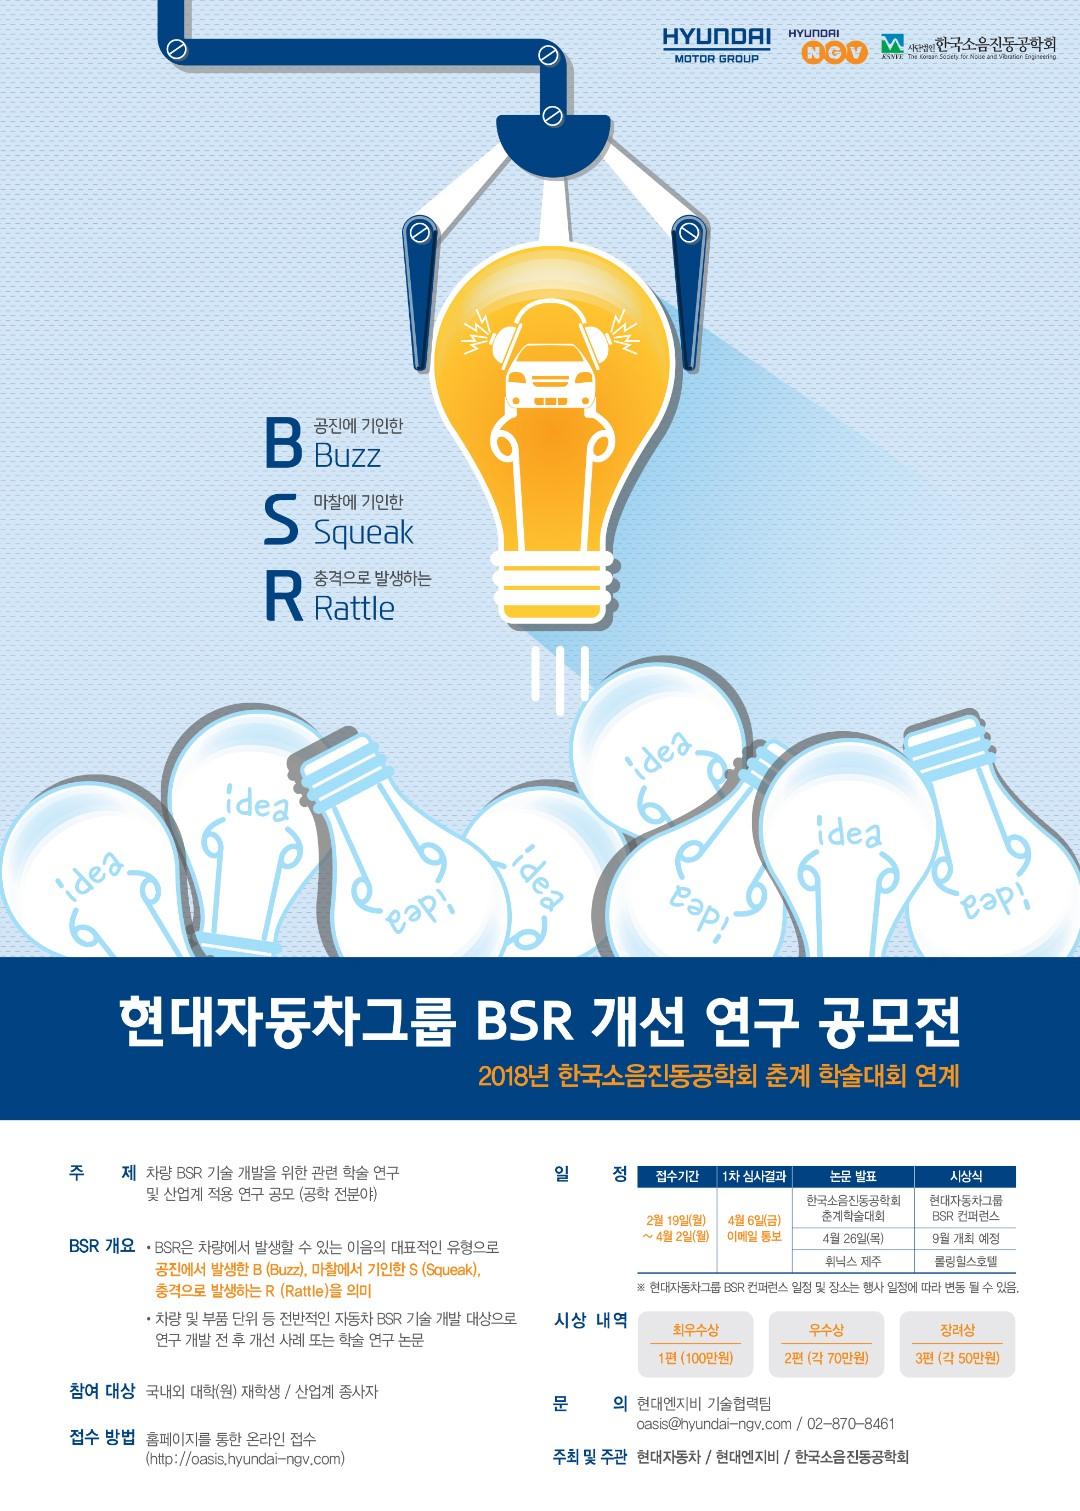 현대자동차그룹 BSR 개선 연구 공모전 포스터_최종.jpg